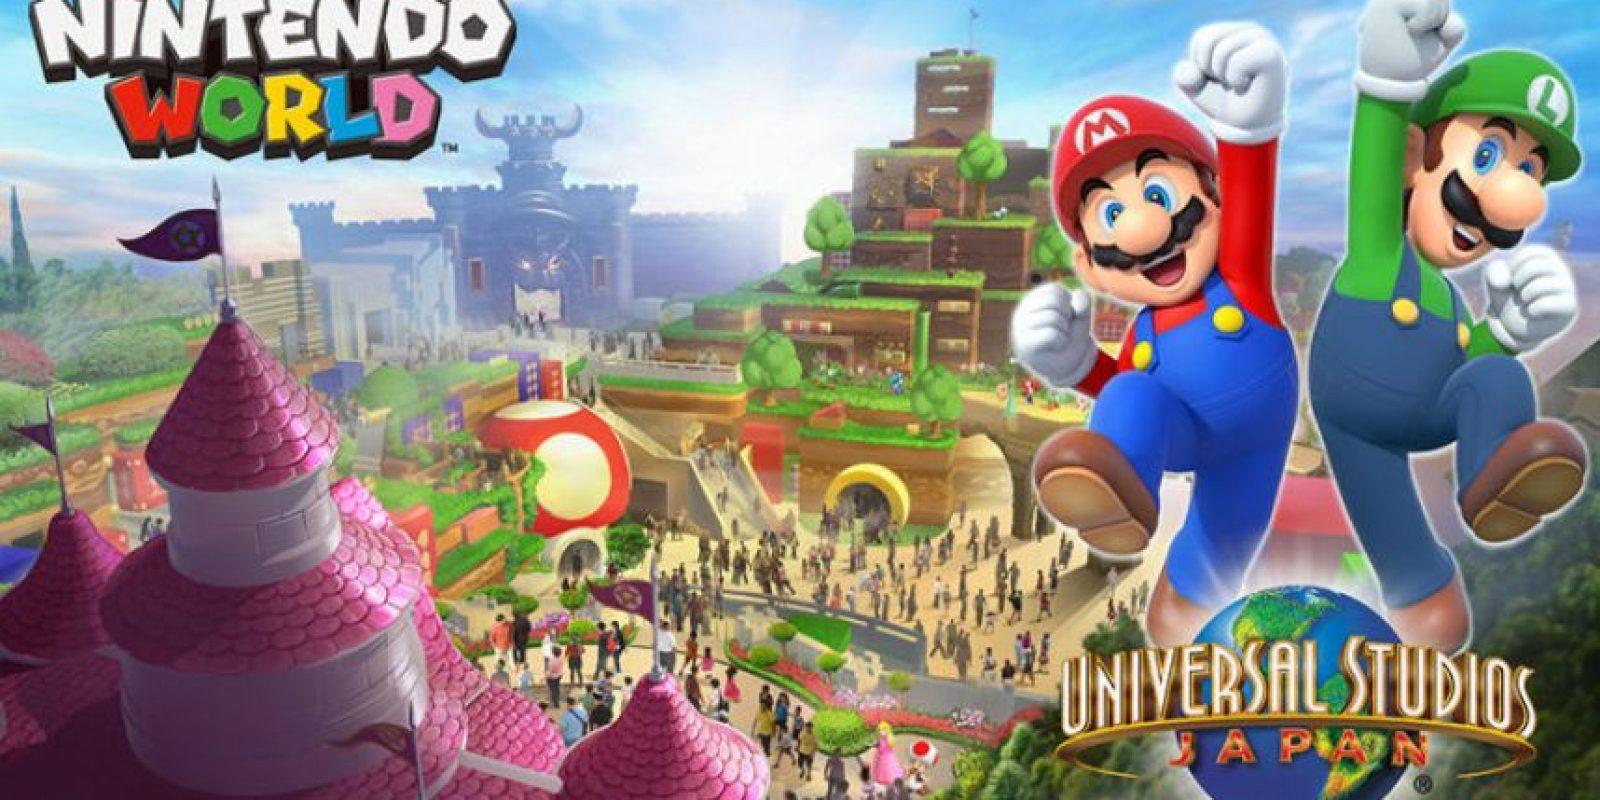 """Así se verá el próximo parque temático de Universal, """"Nintendo World"""" Foto:Nintendo / Universal. Imagen Por:"""